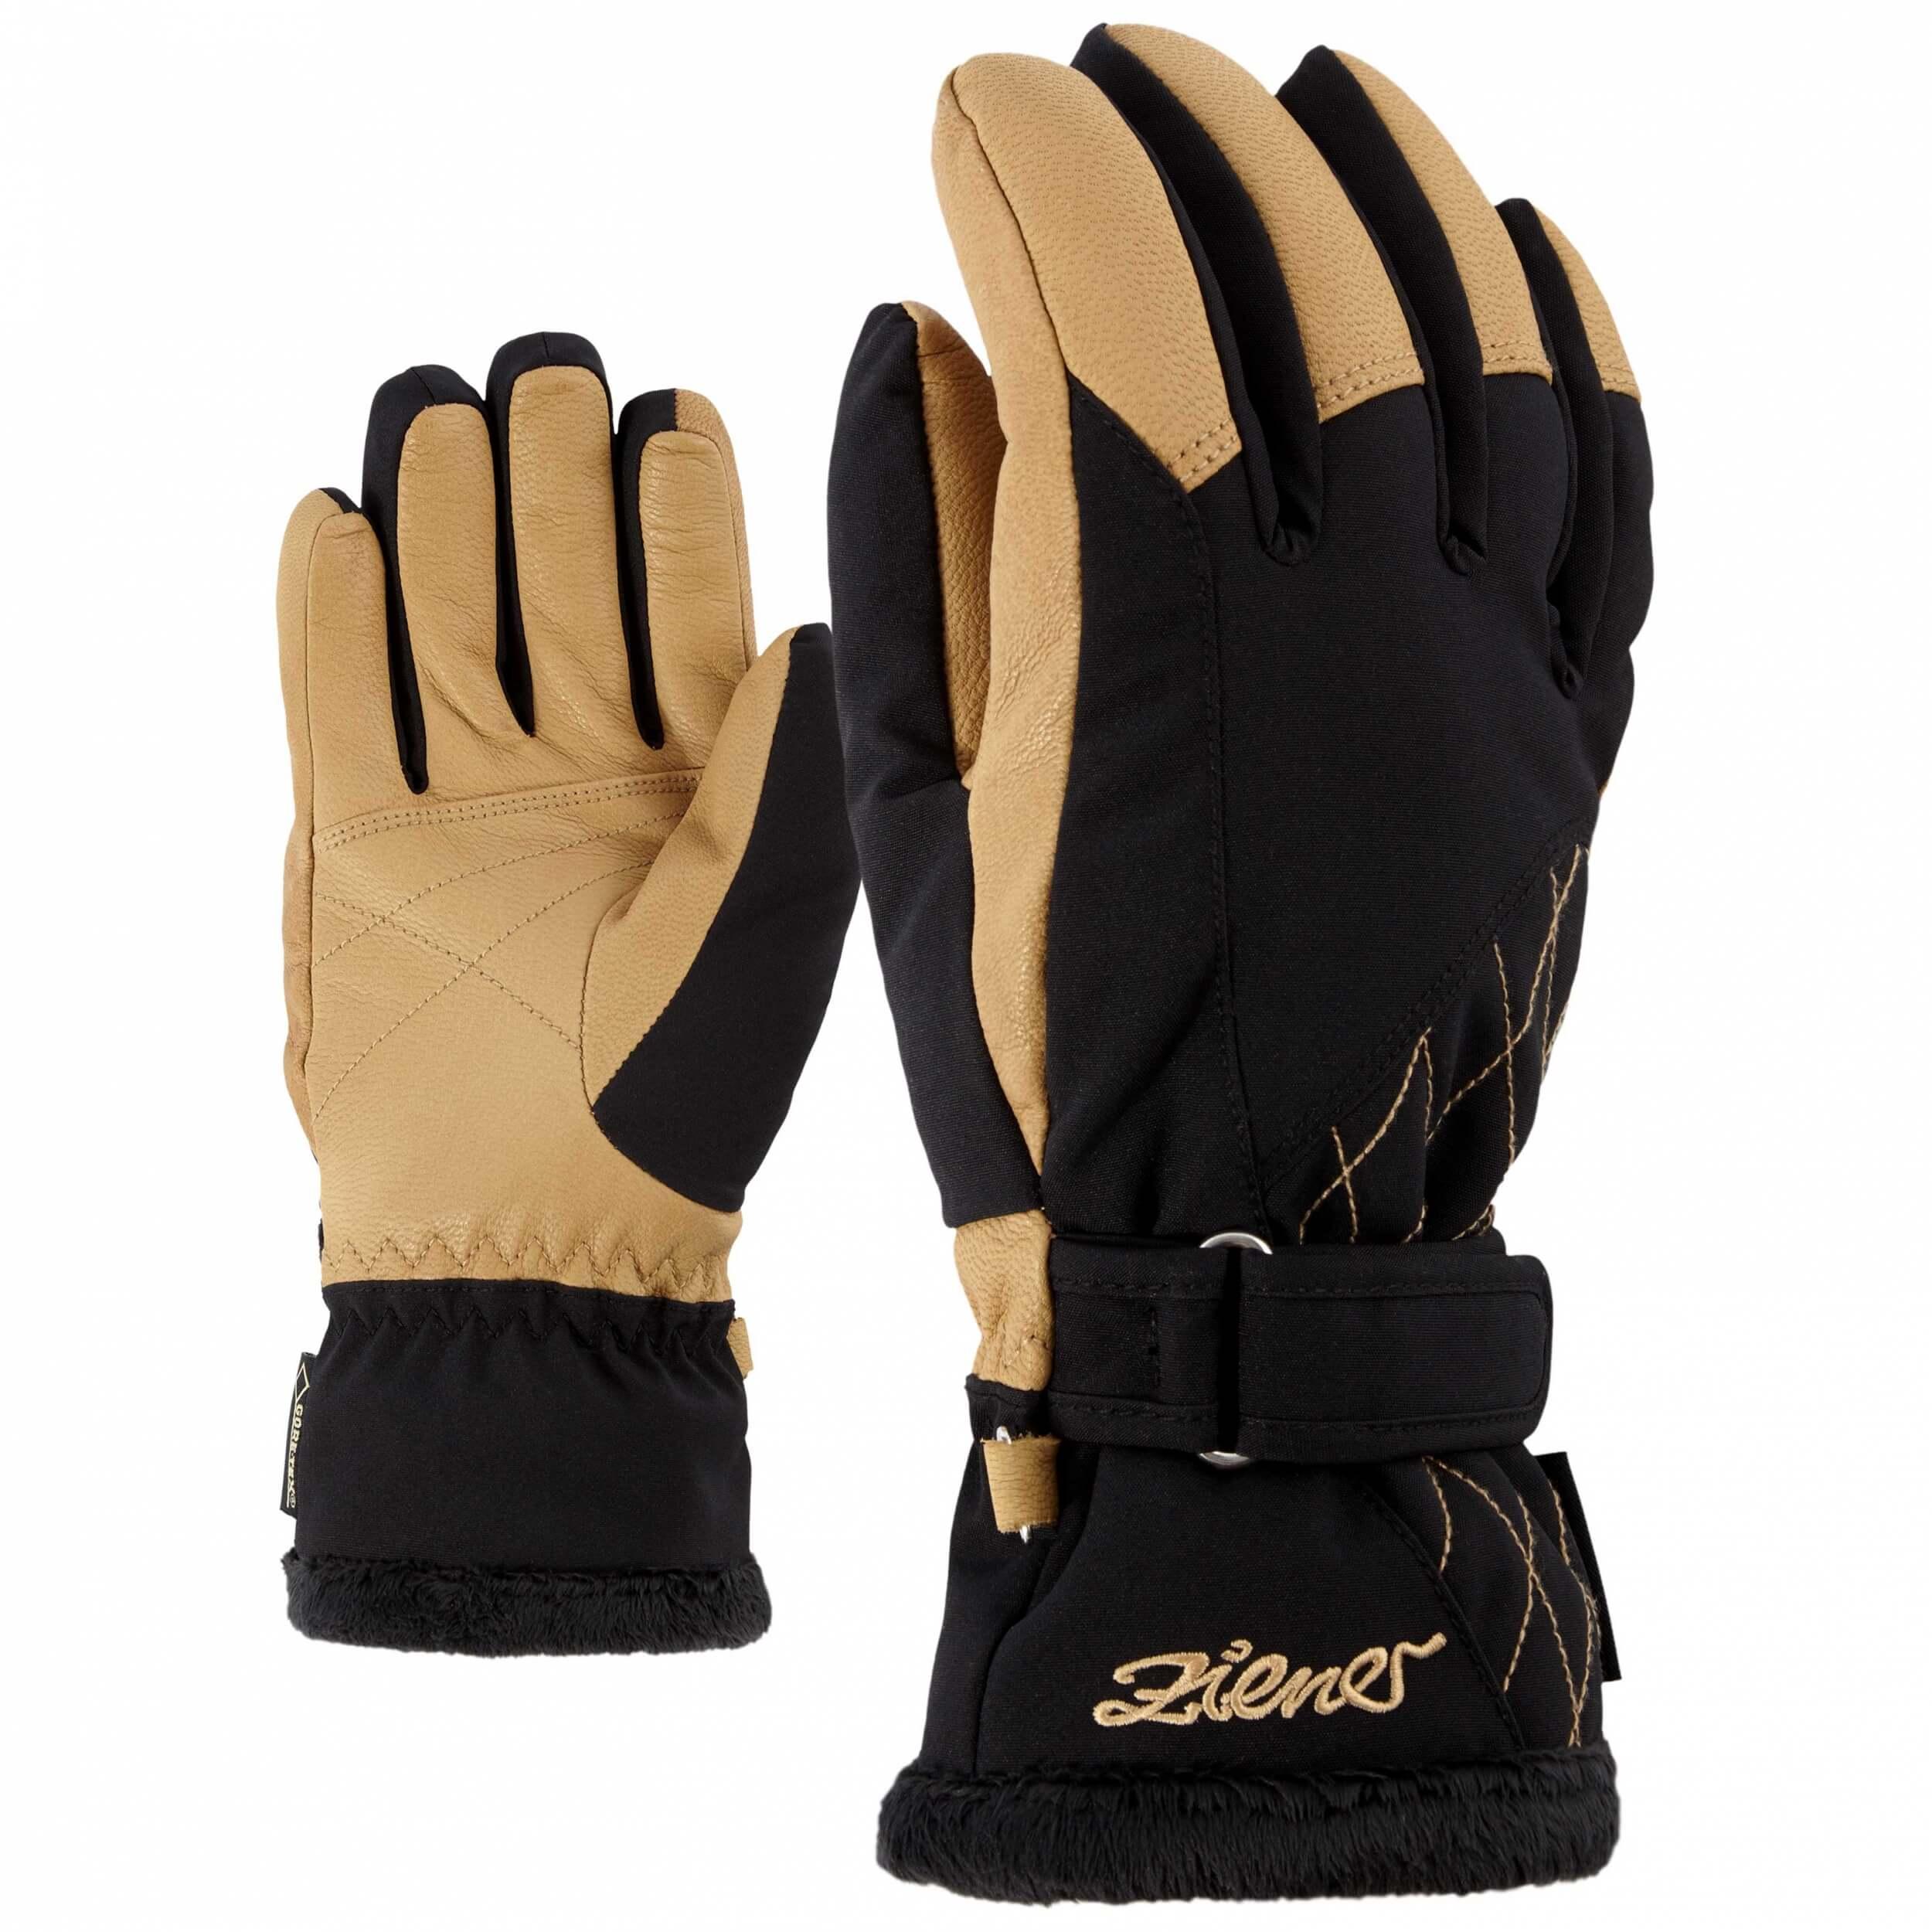 ZIENER Ski Handschuhe Katlen 12403 beige